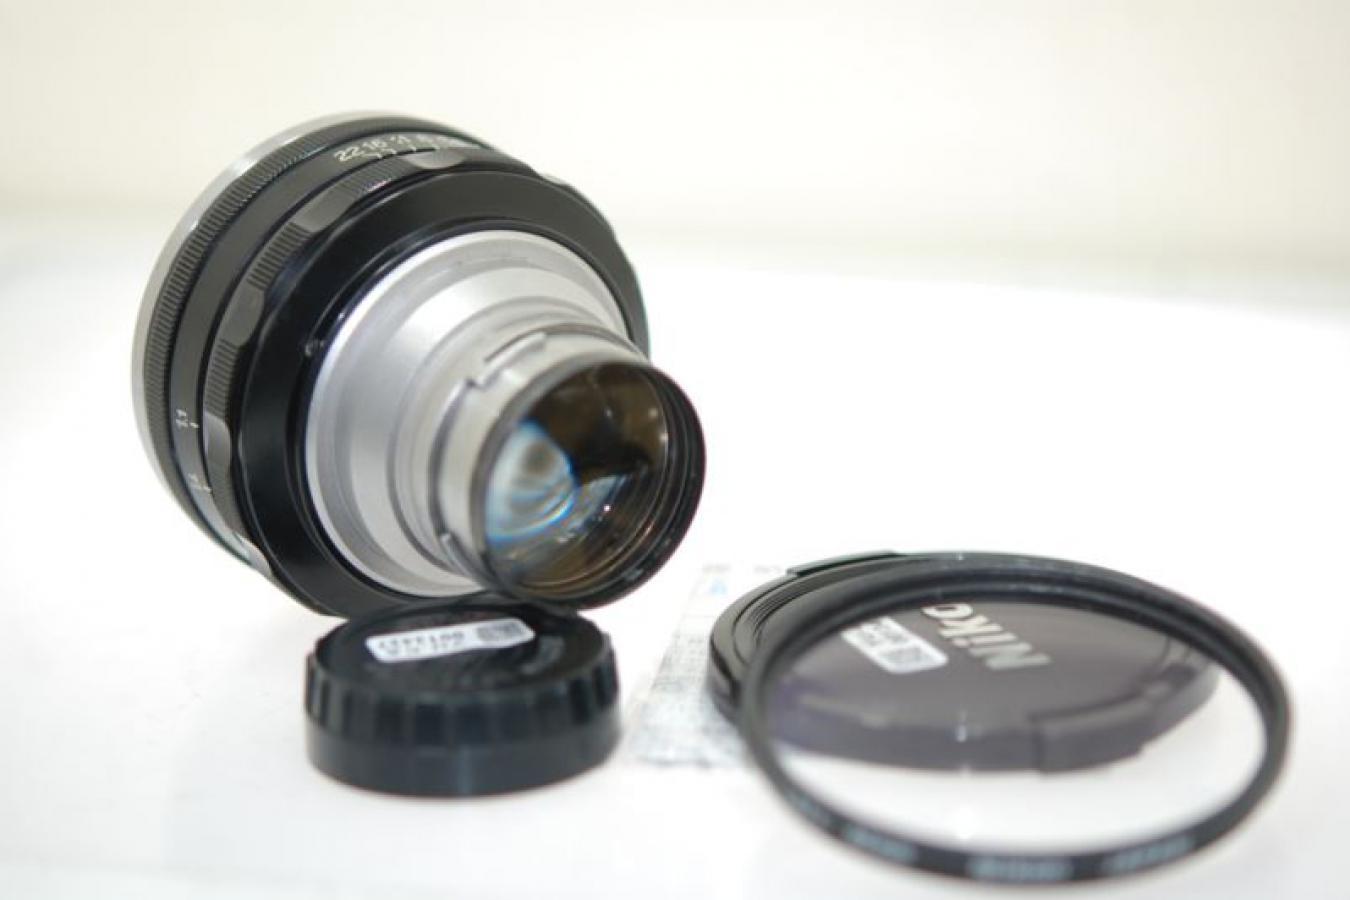 日本光学 NIKKOR-N・C 5cm F1.1 内爪 【OH済 純正62mm L37cフィルター付】